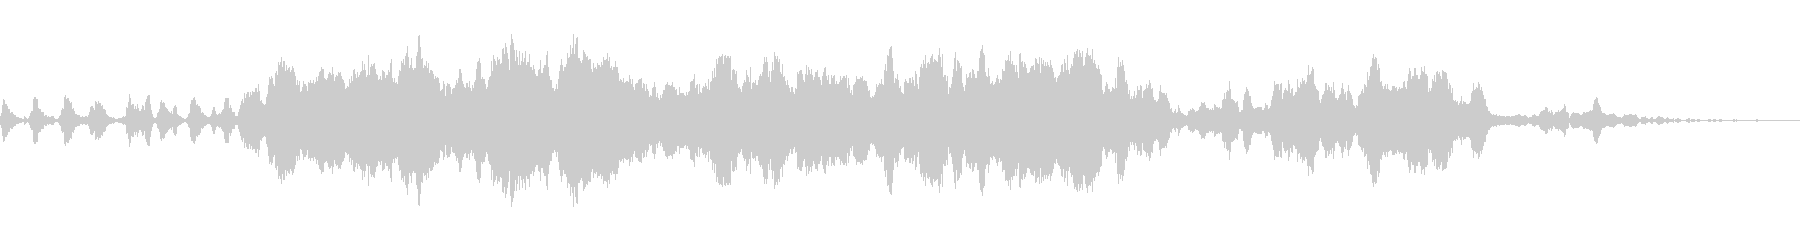 電子音と弦楽器が特徴の幻想的な楽曲の未再生の波形